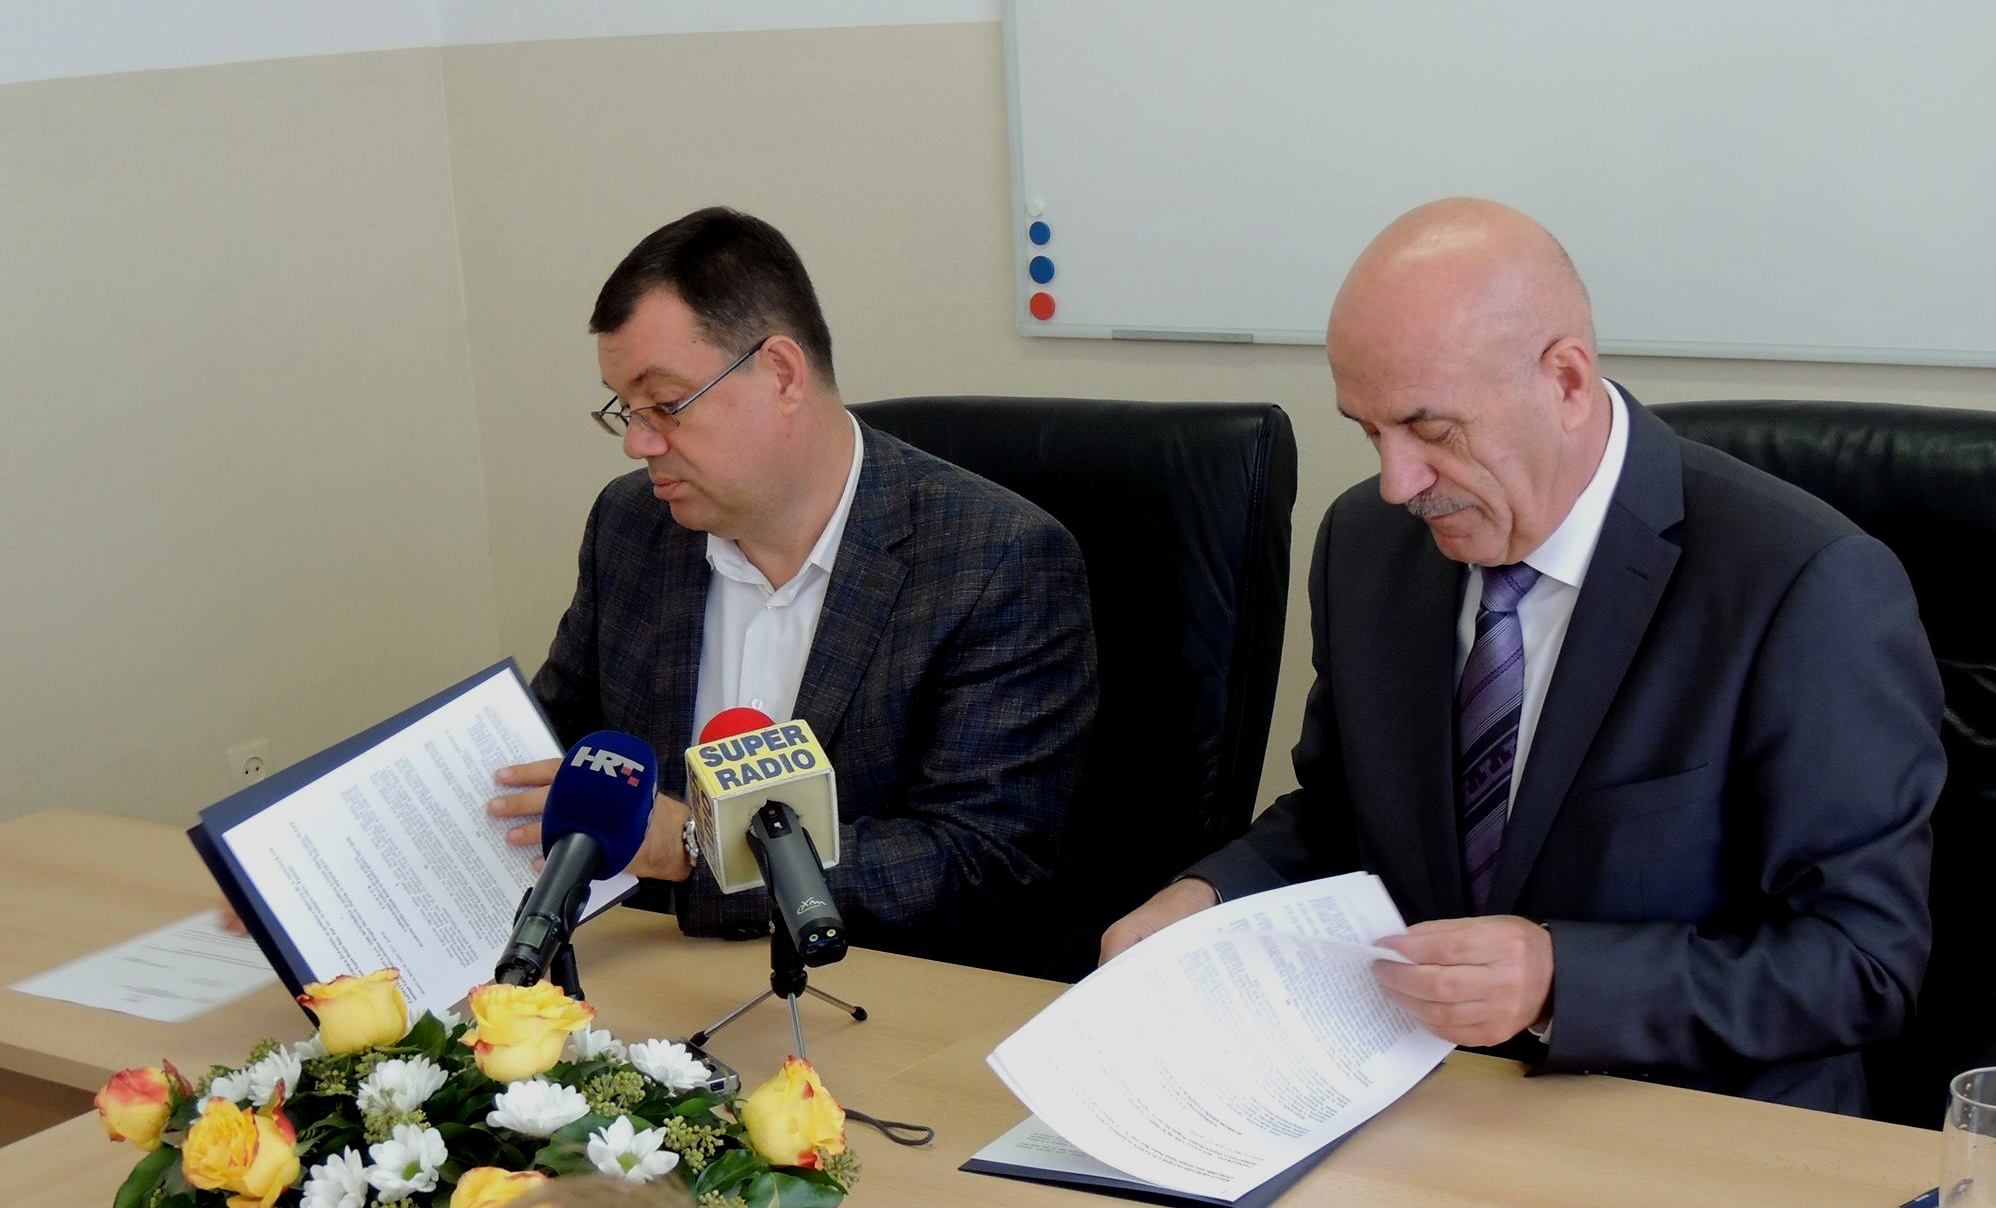 Bjelovarsko-bilogorska županija potpisala ugovor o sufinanciranju prijevoza za gotovo 1900 srednjoškolaca